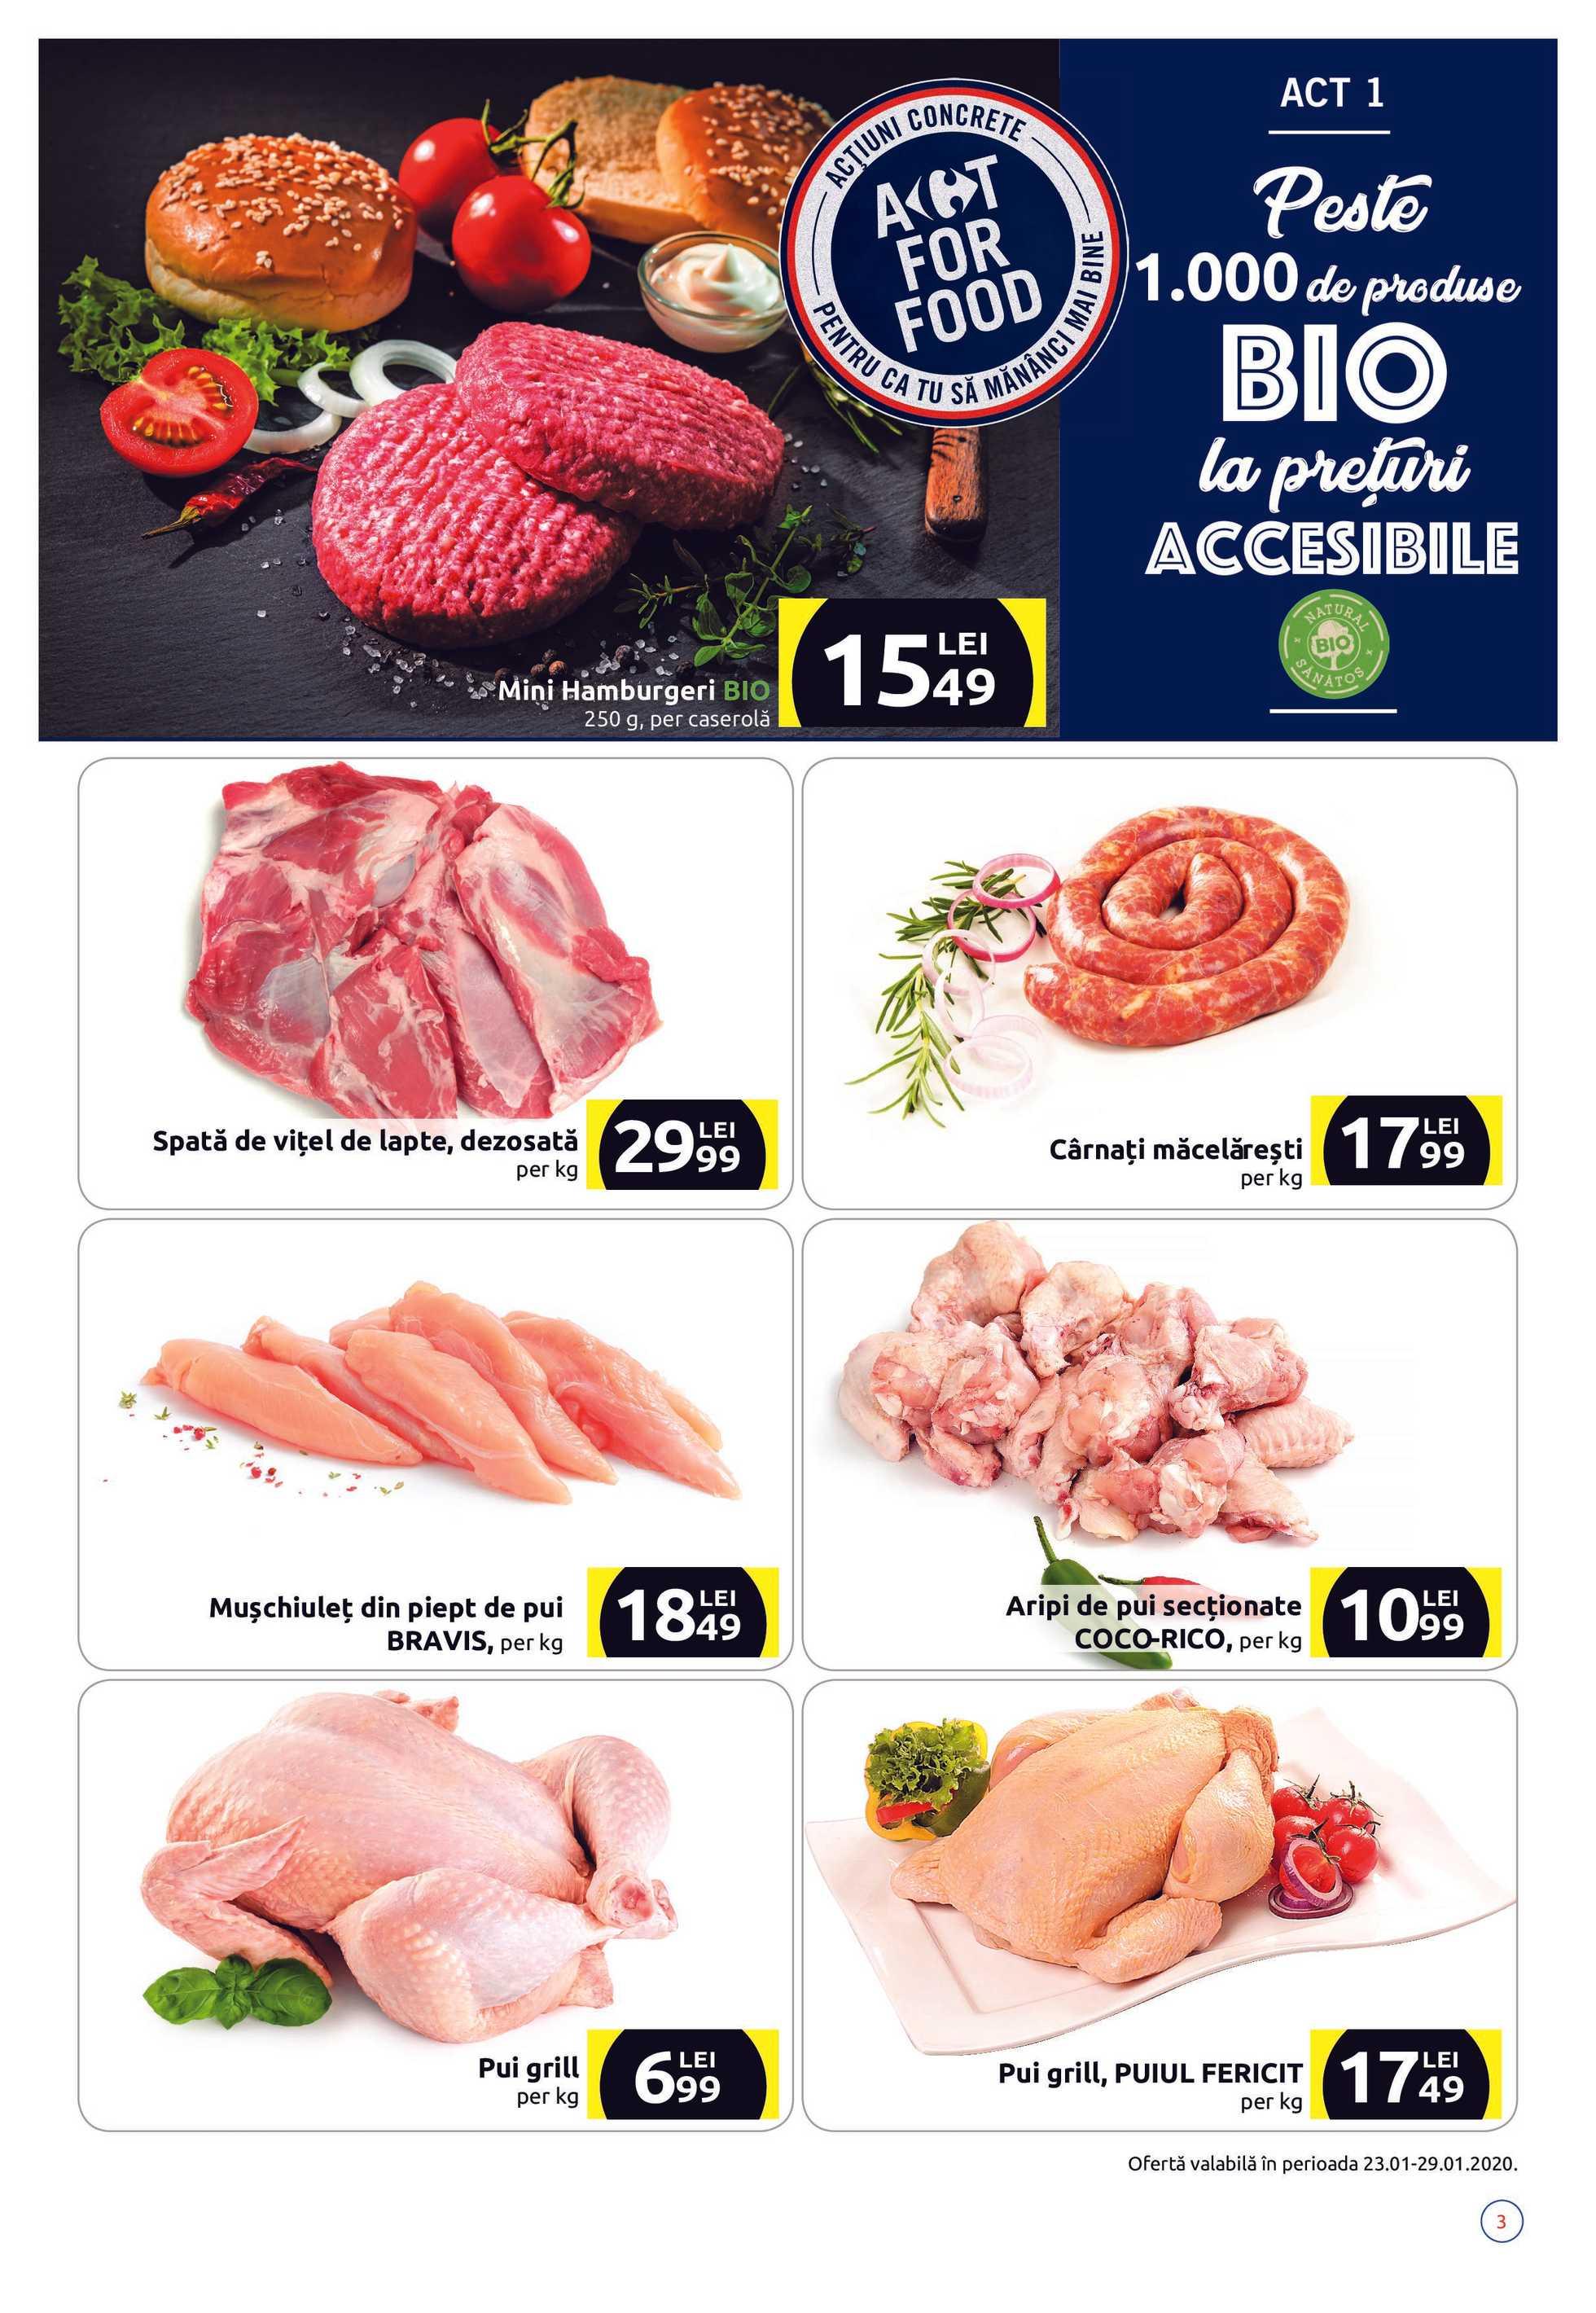 Carrefour - promo începând de la 23.01.2020 până la 05.02.2020 - pagină 3.